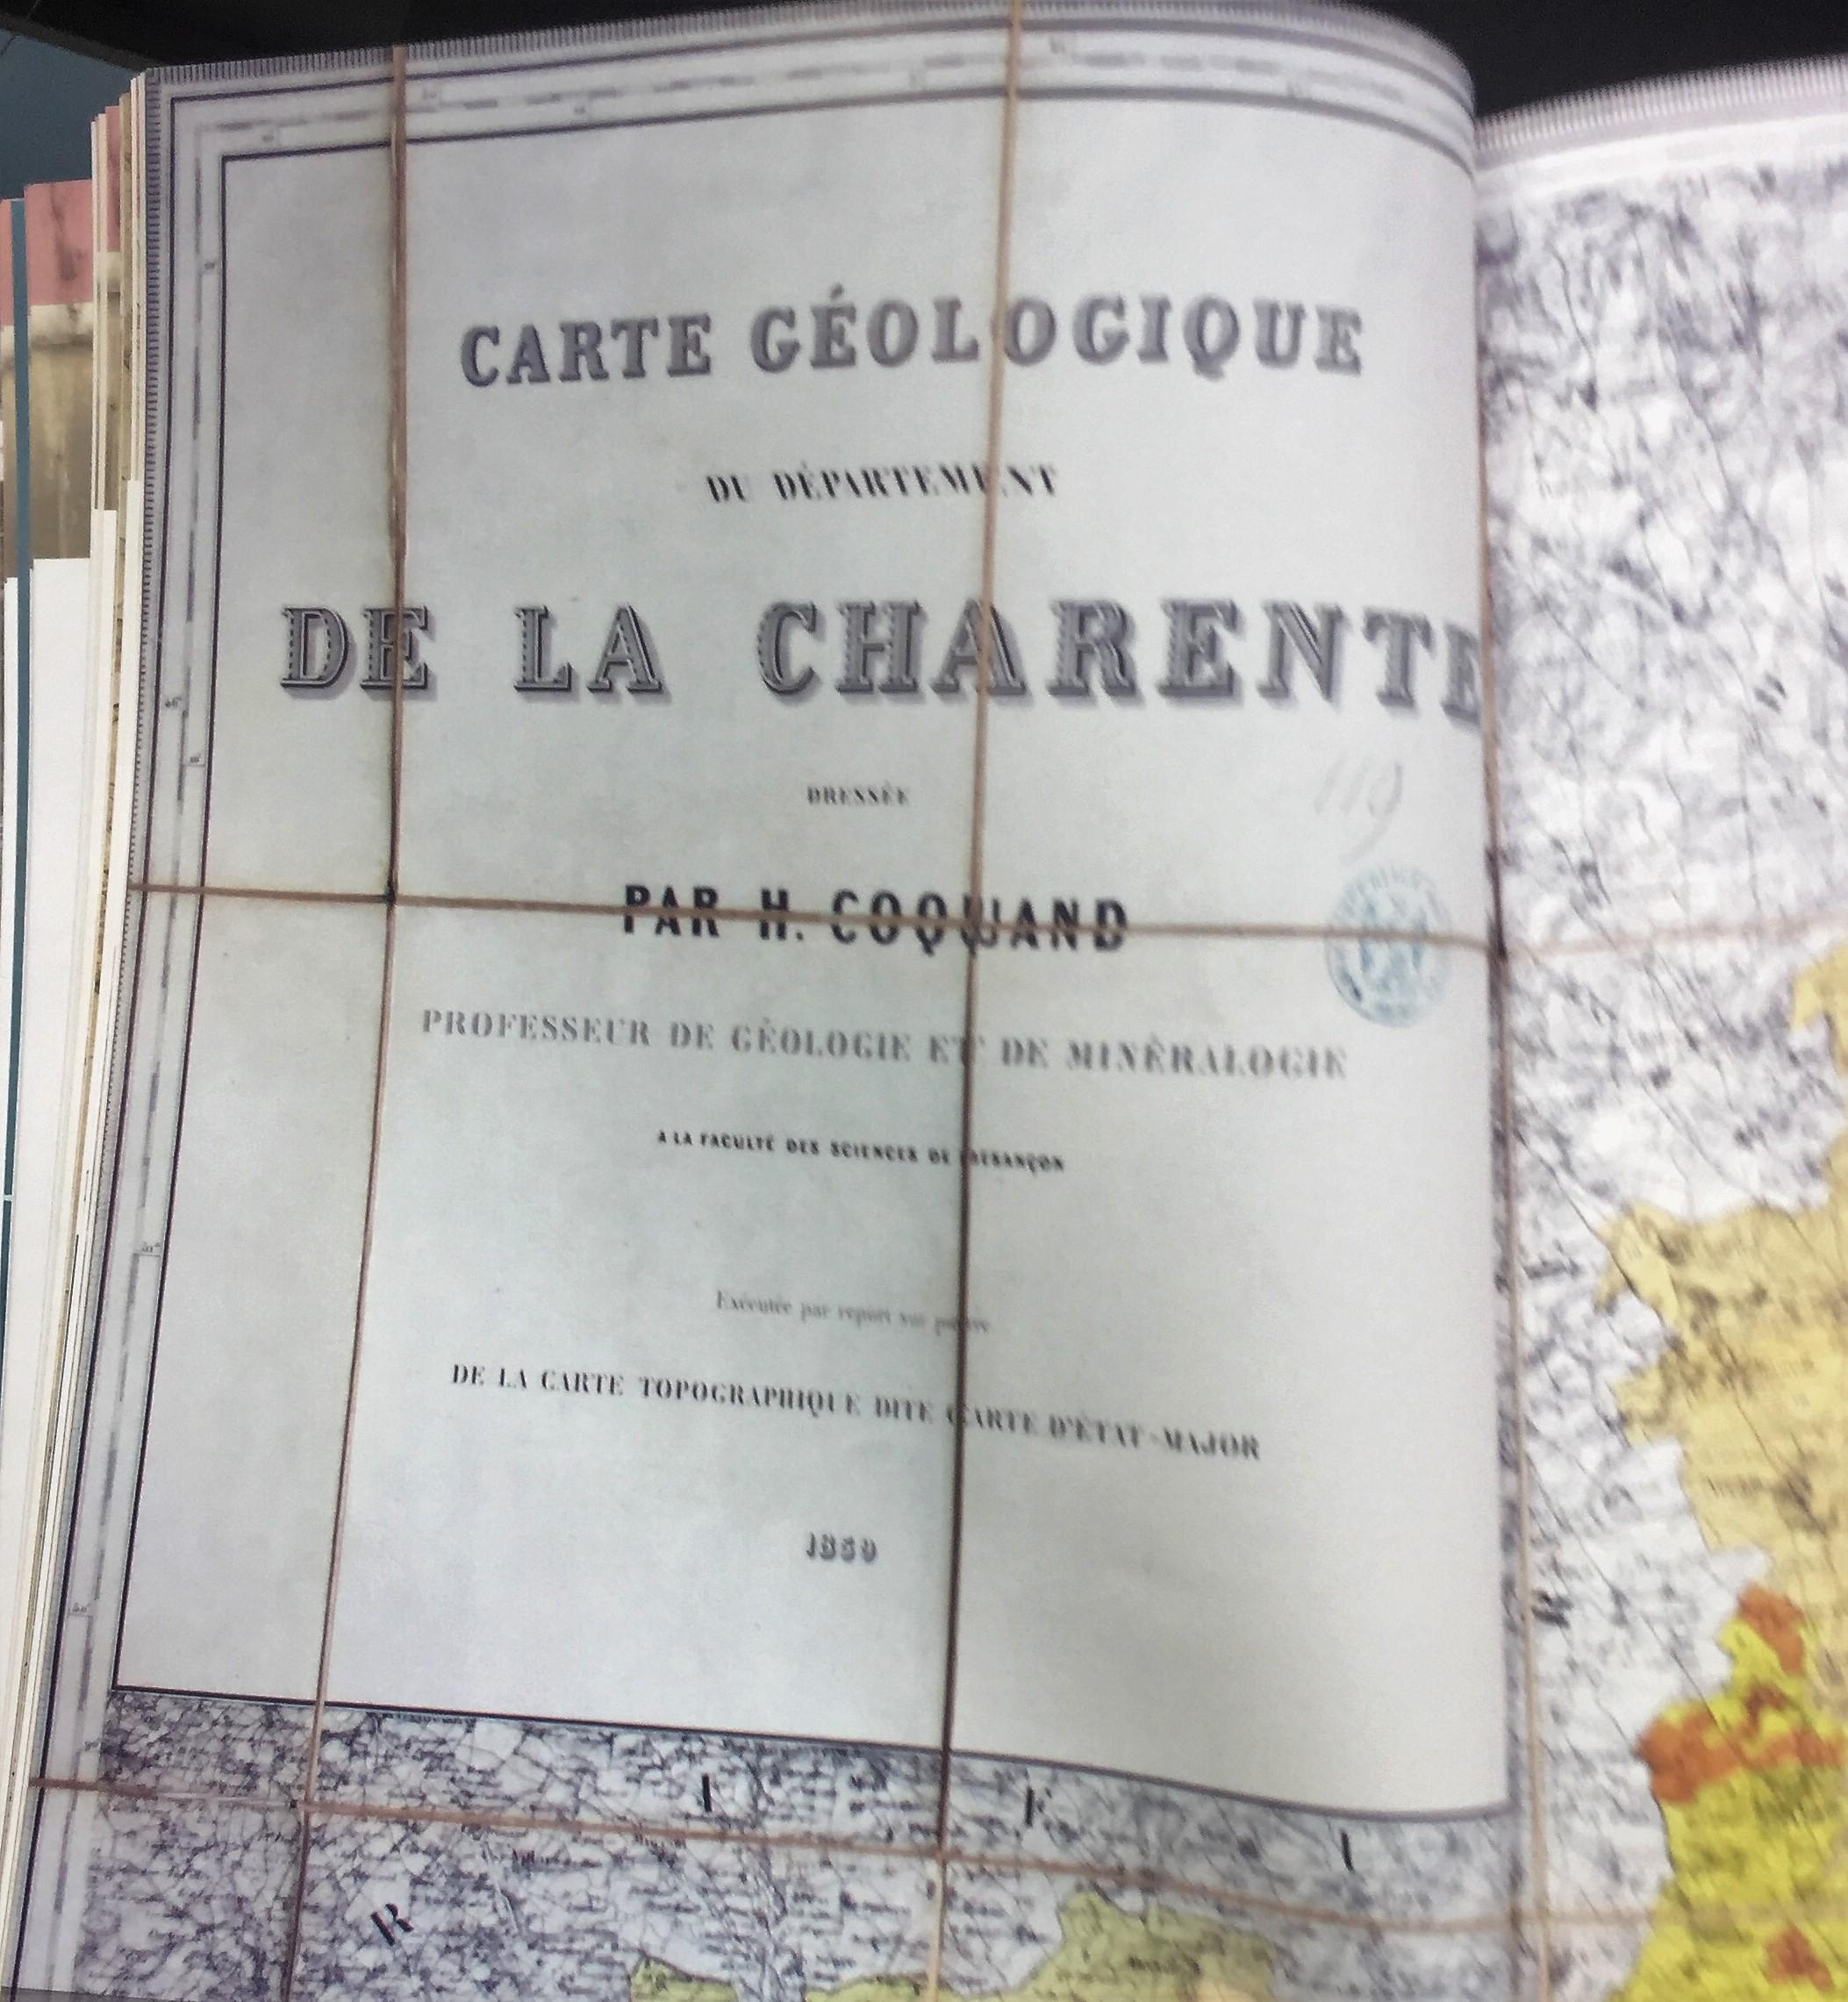 l'ouvrage de référence du professeur Coquand qui a délimité les différents crus de cognac